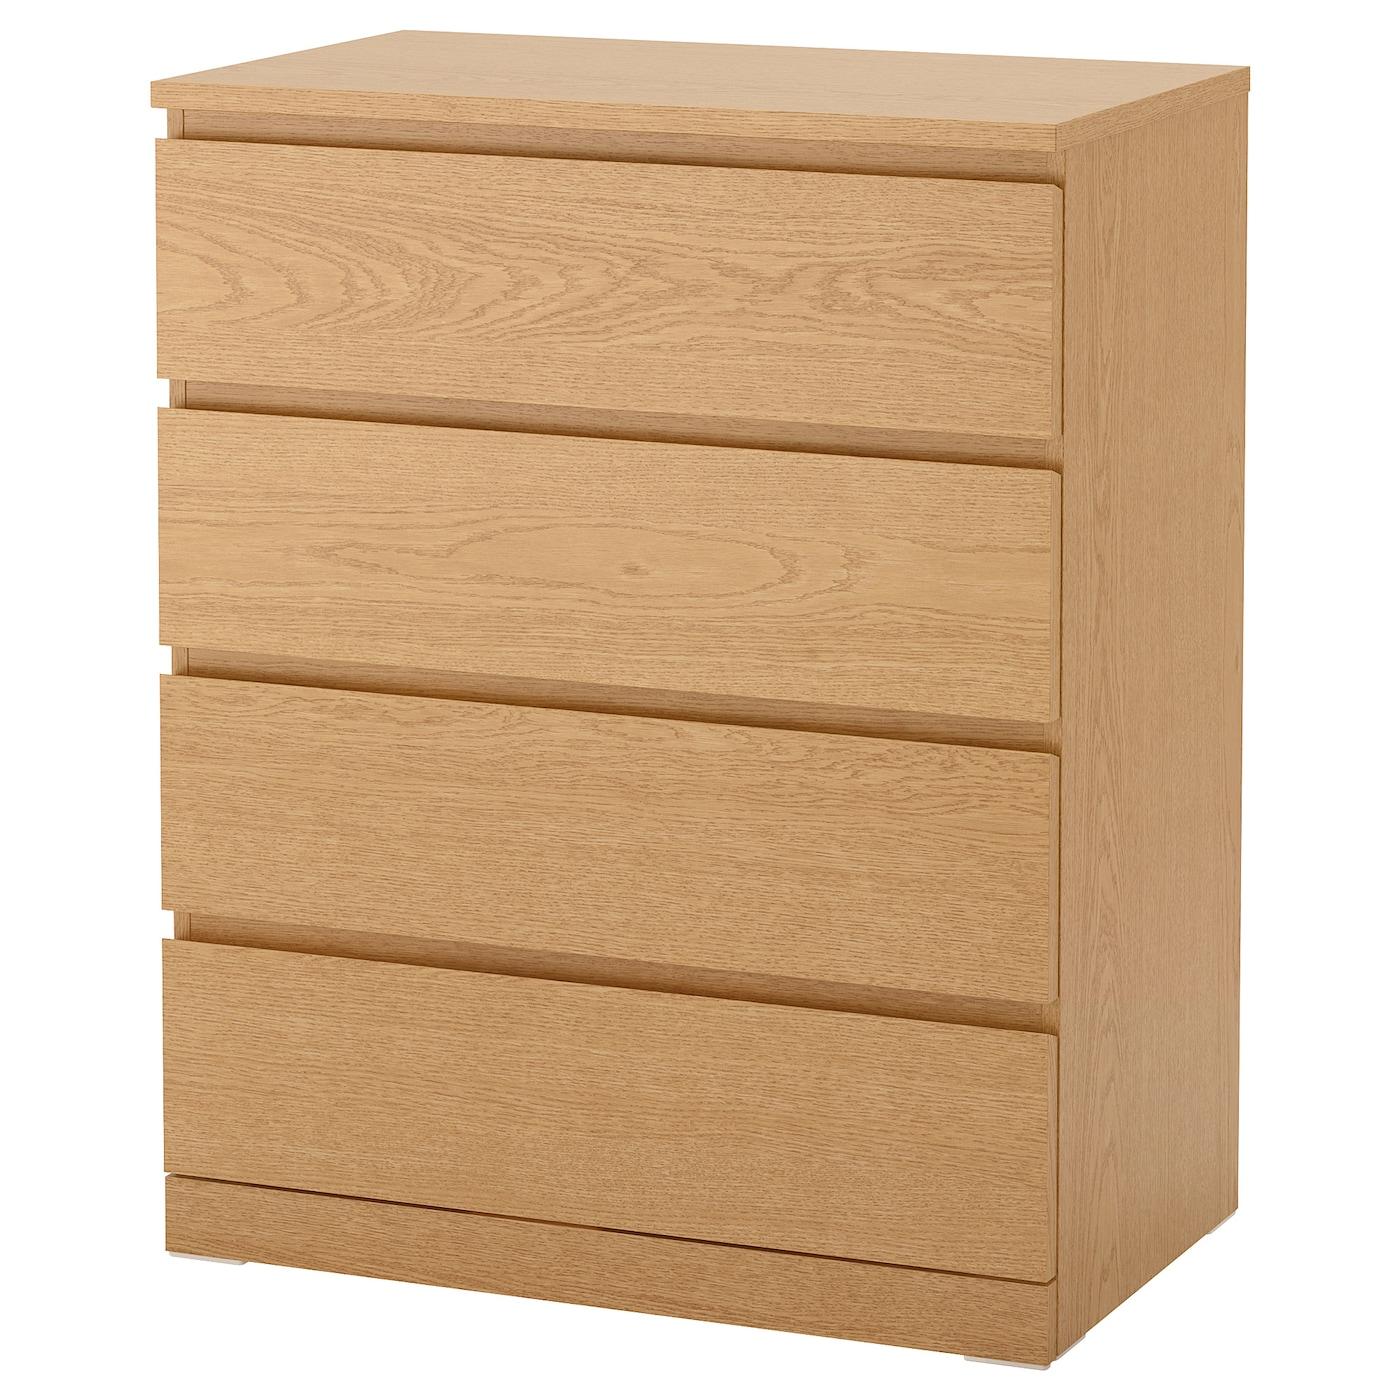 Malm Oak Veneer Chest Of 4 Drawers 80x100 Cm Ikea